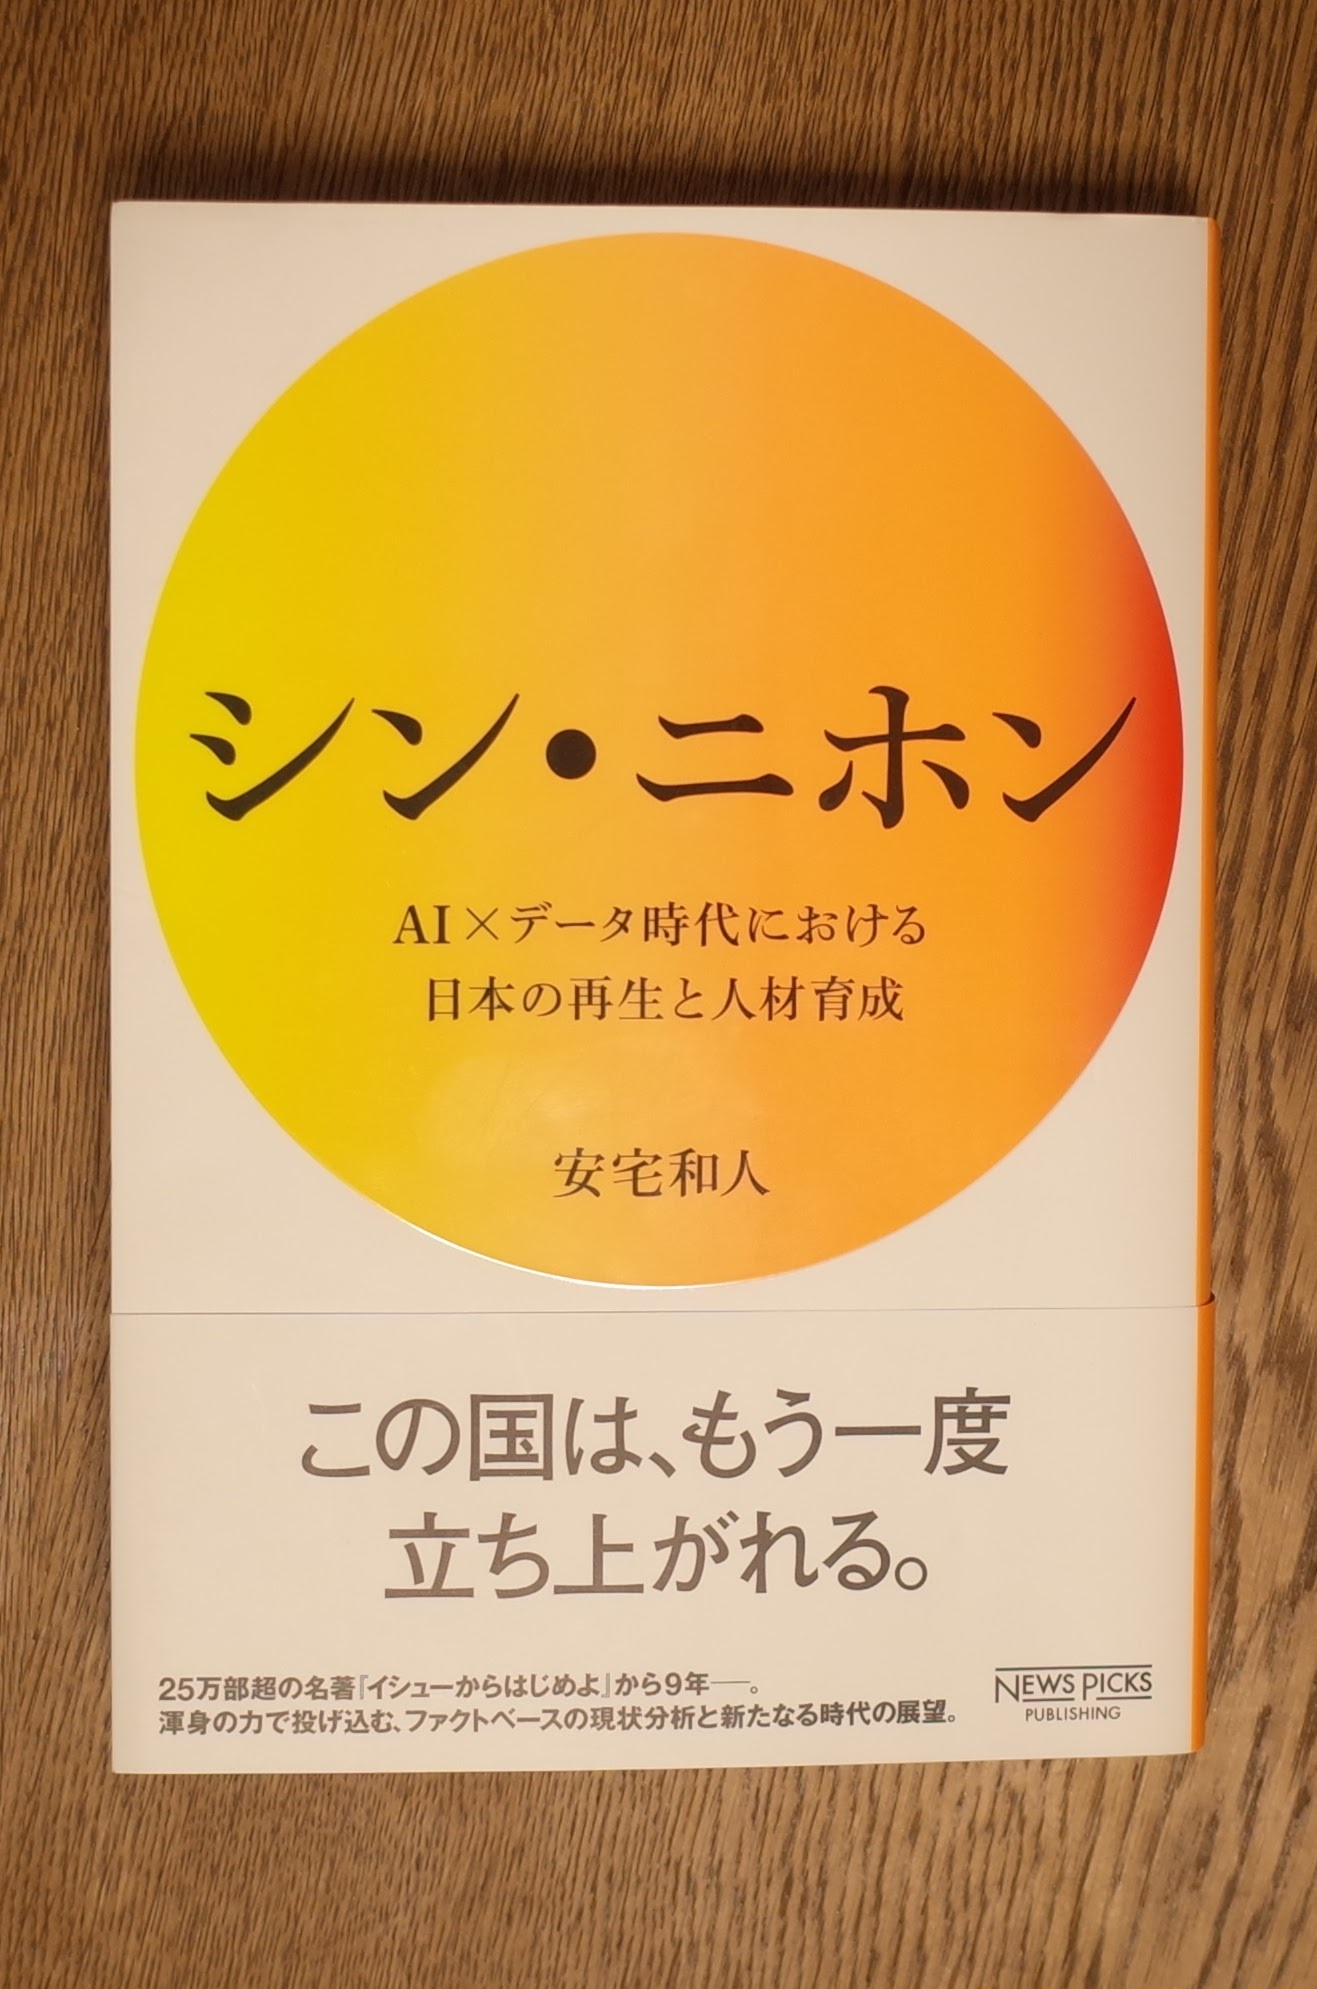 シン・ニホン NewsPicks_d0004728_13530021.jpg